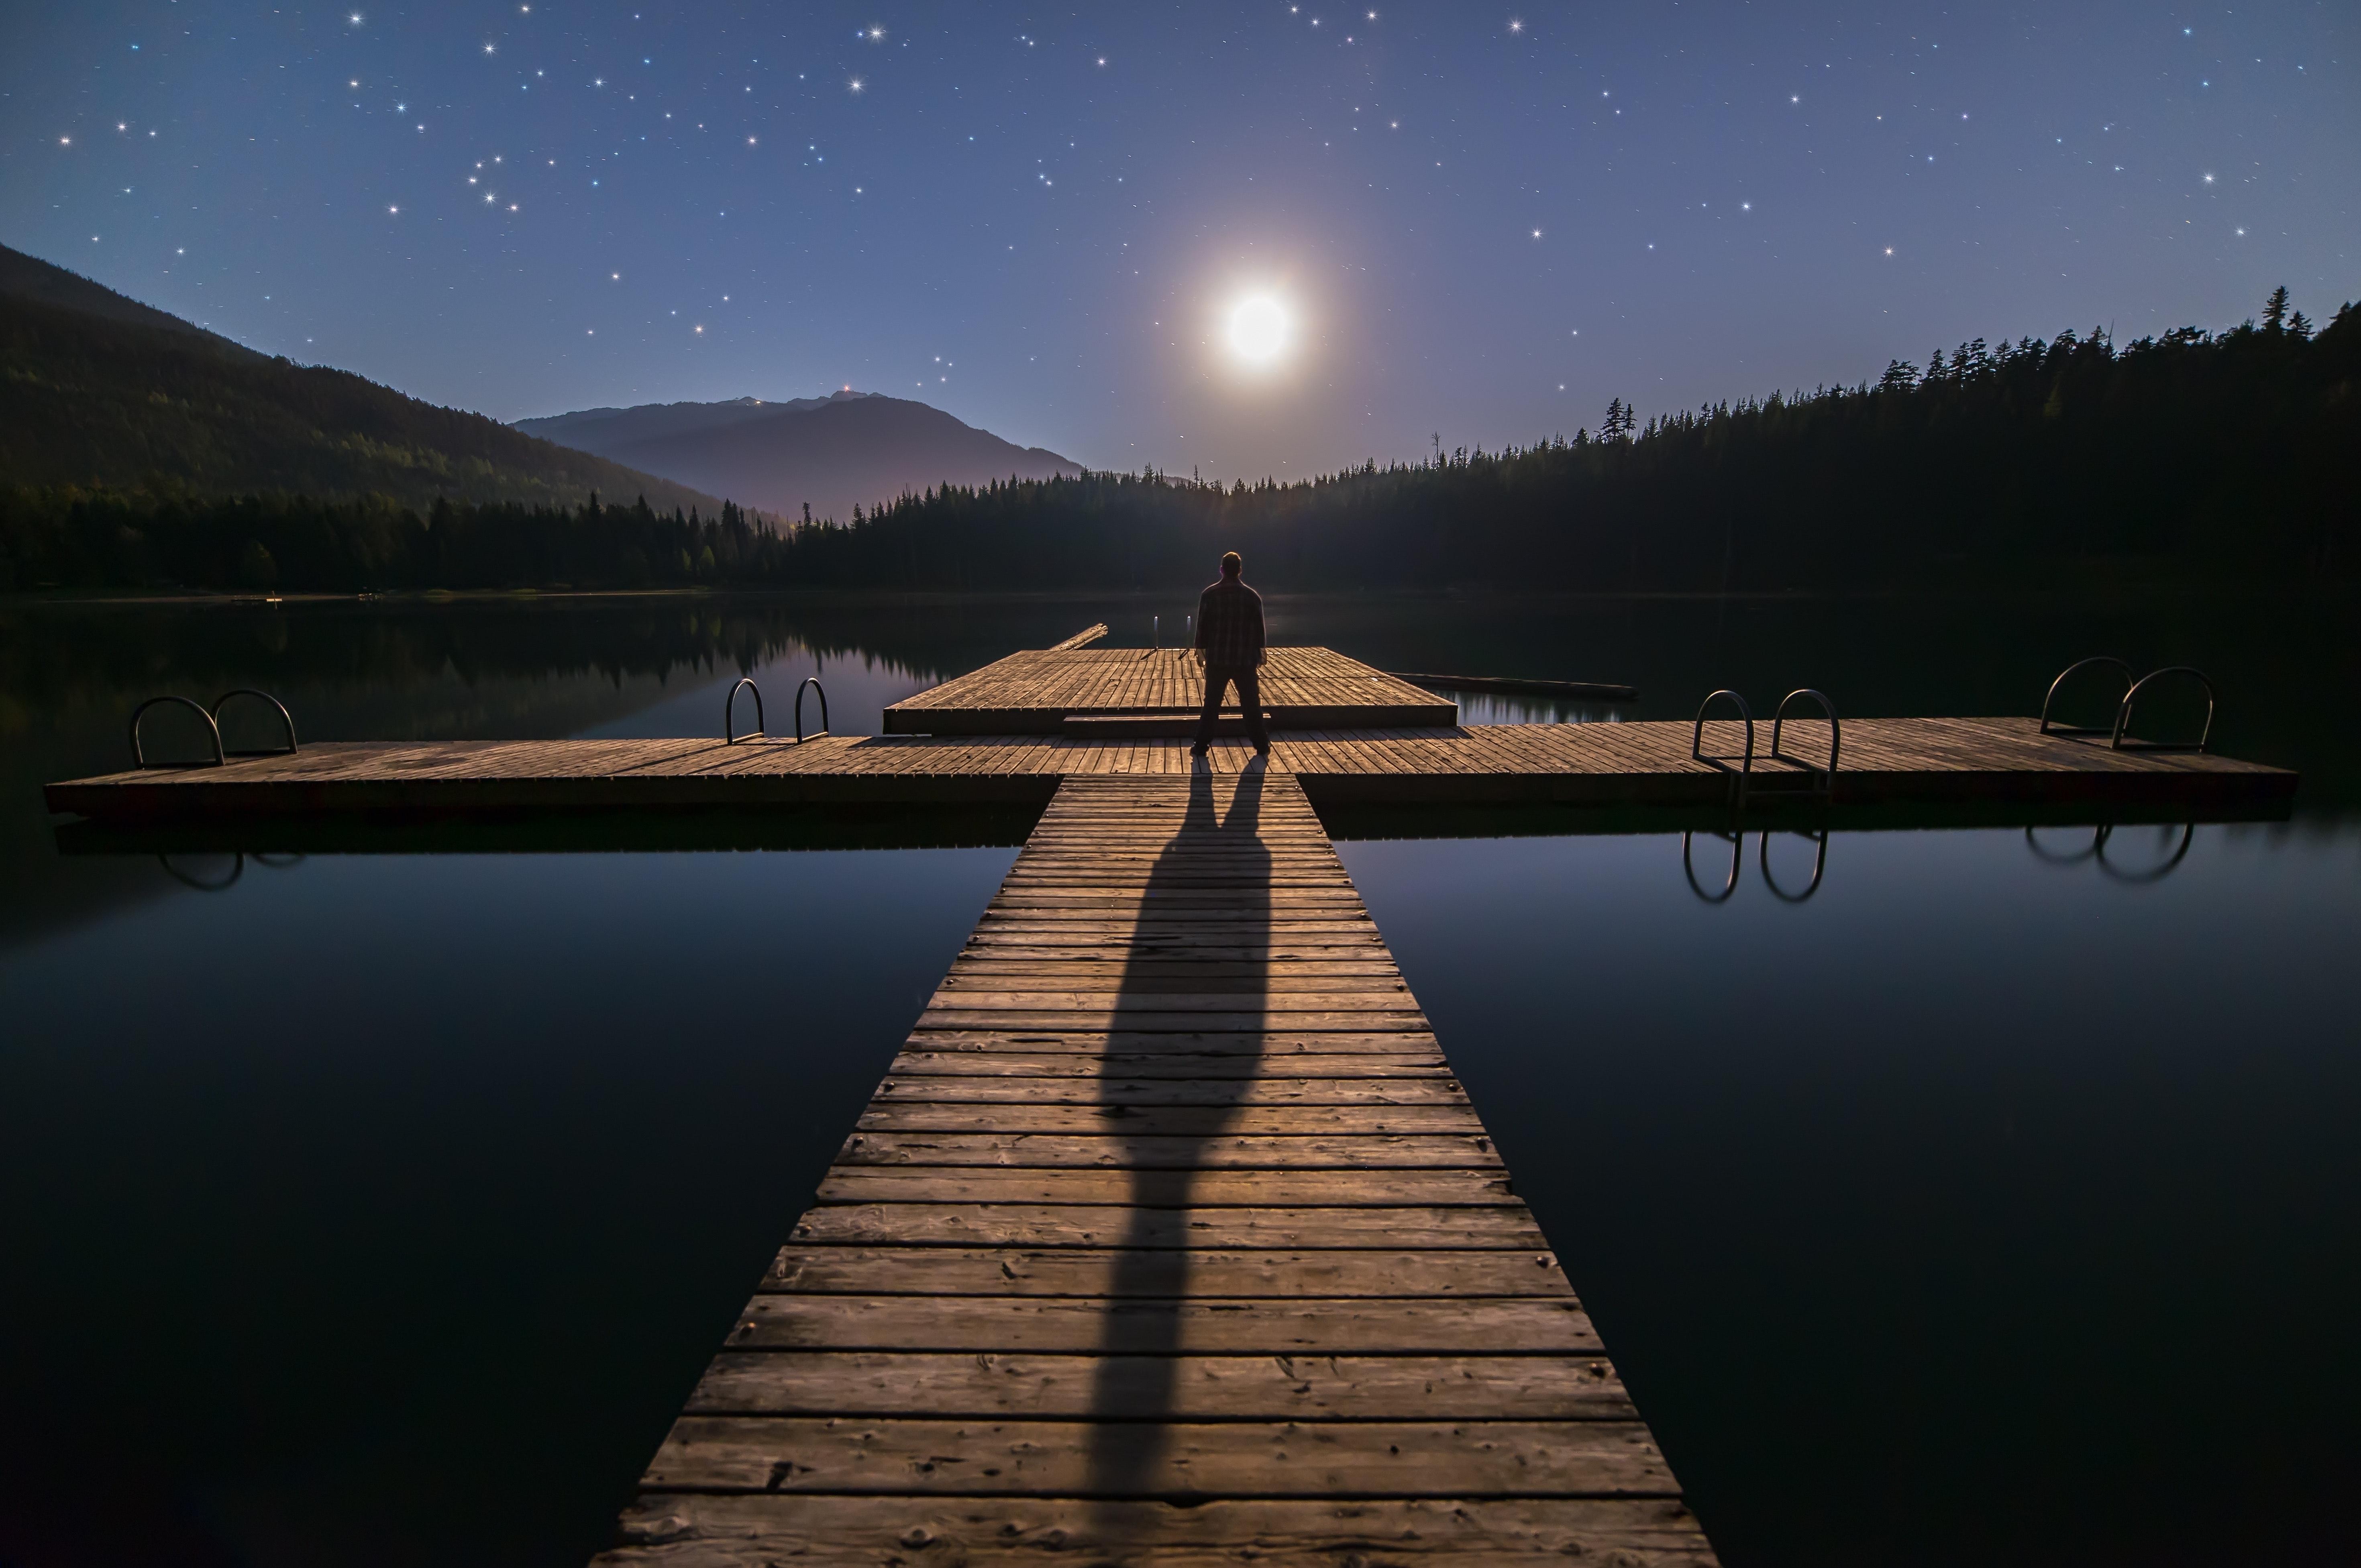 Αφού υπάρχουν τόσοι μόνοι, γιατί υπάρχουν τόσοι μόνοι;